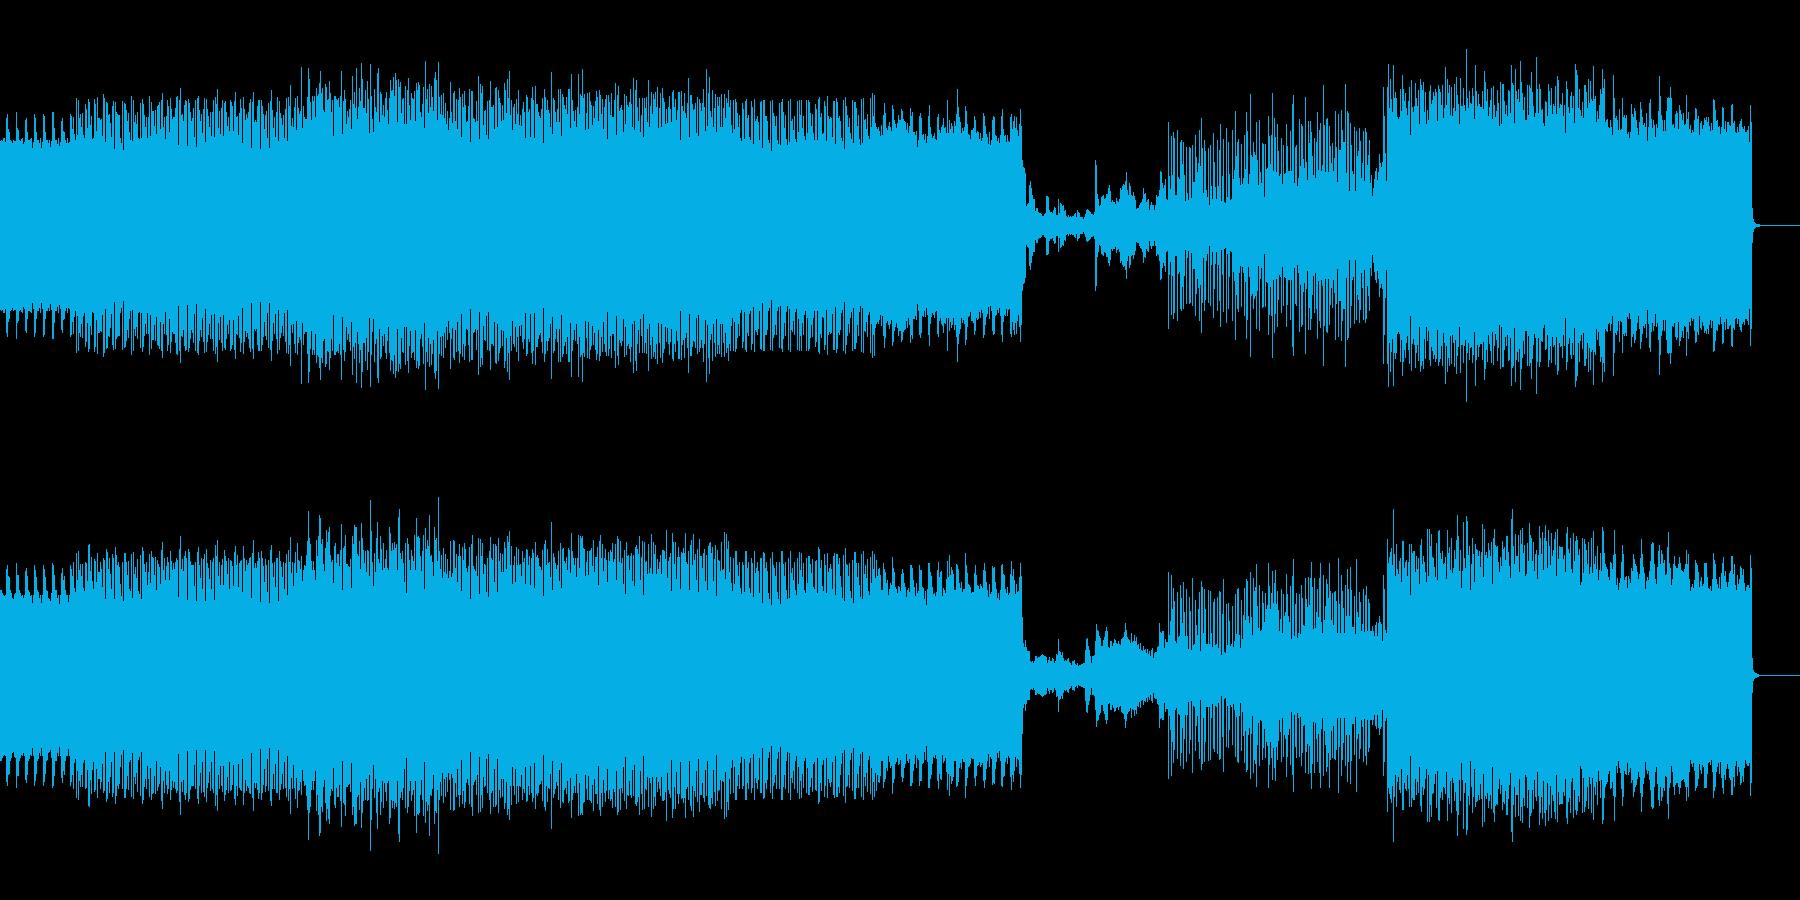 ヘビーな音が迫ってくるダークテクノBGMの再生済みの波形